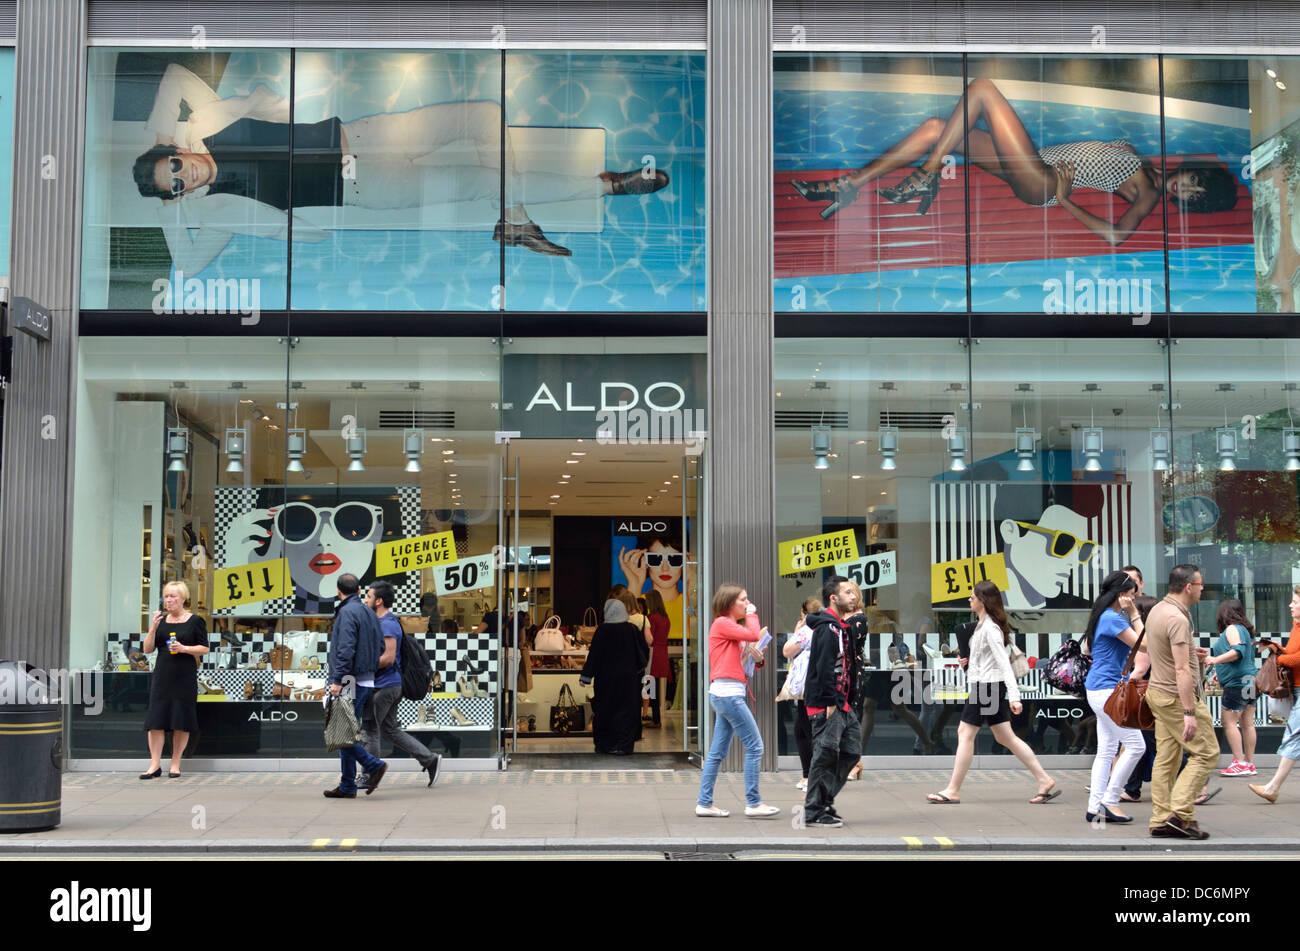 Aldo Shoes High Resolution Stock